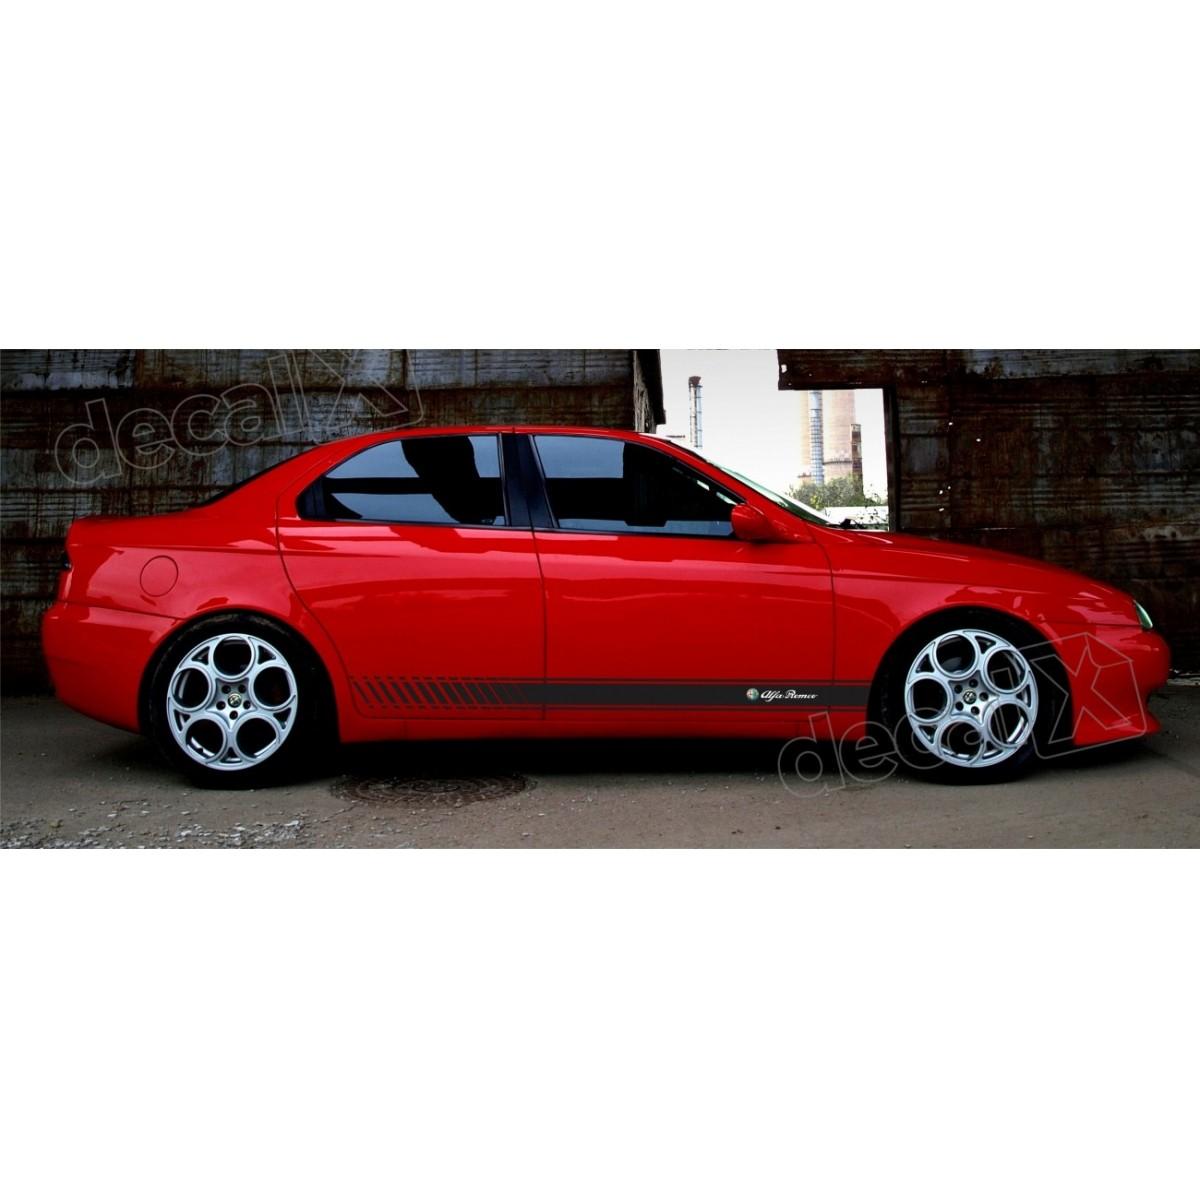 Adesivo Alfa Romeo Faixa Lateral 3m 1560